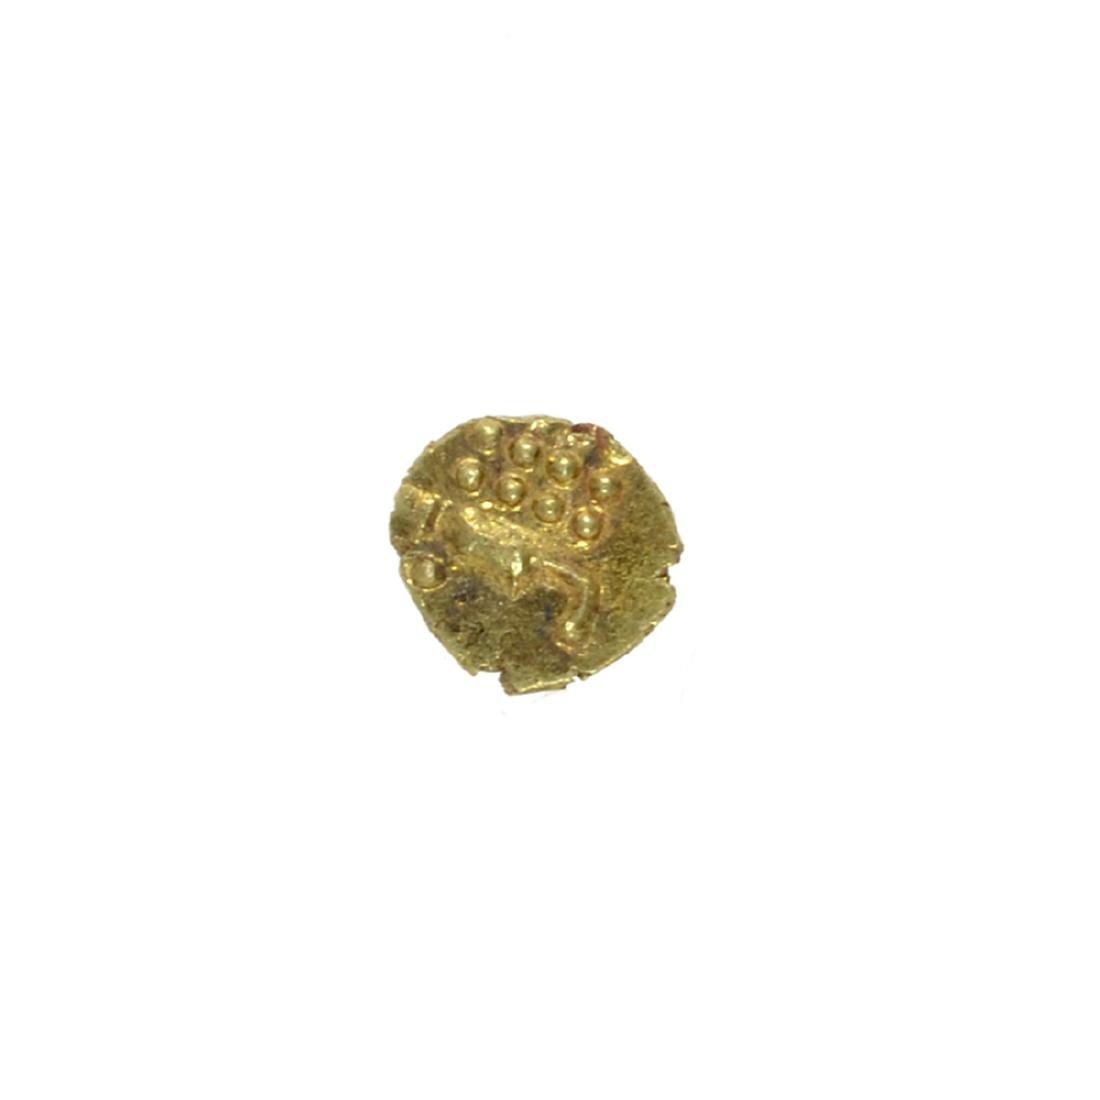 Rare India Gold Fangn Circa 1700's - 1800's Coin - 2